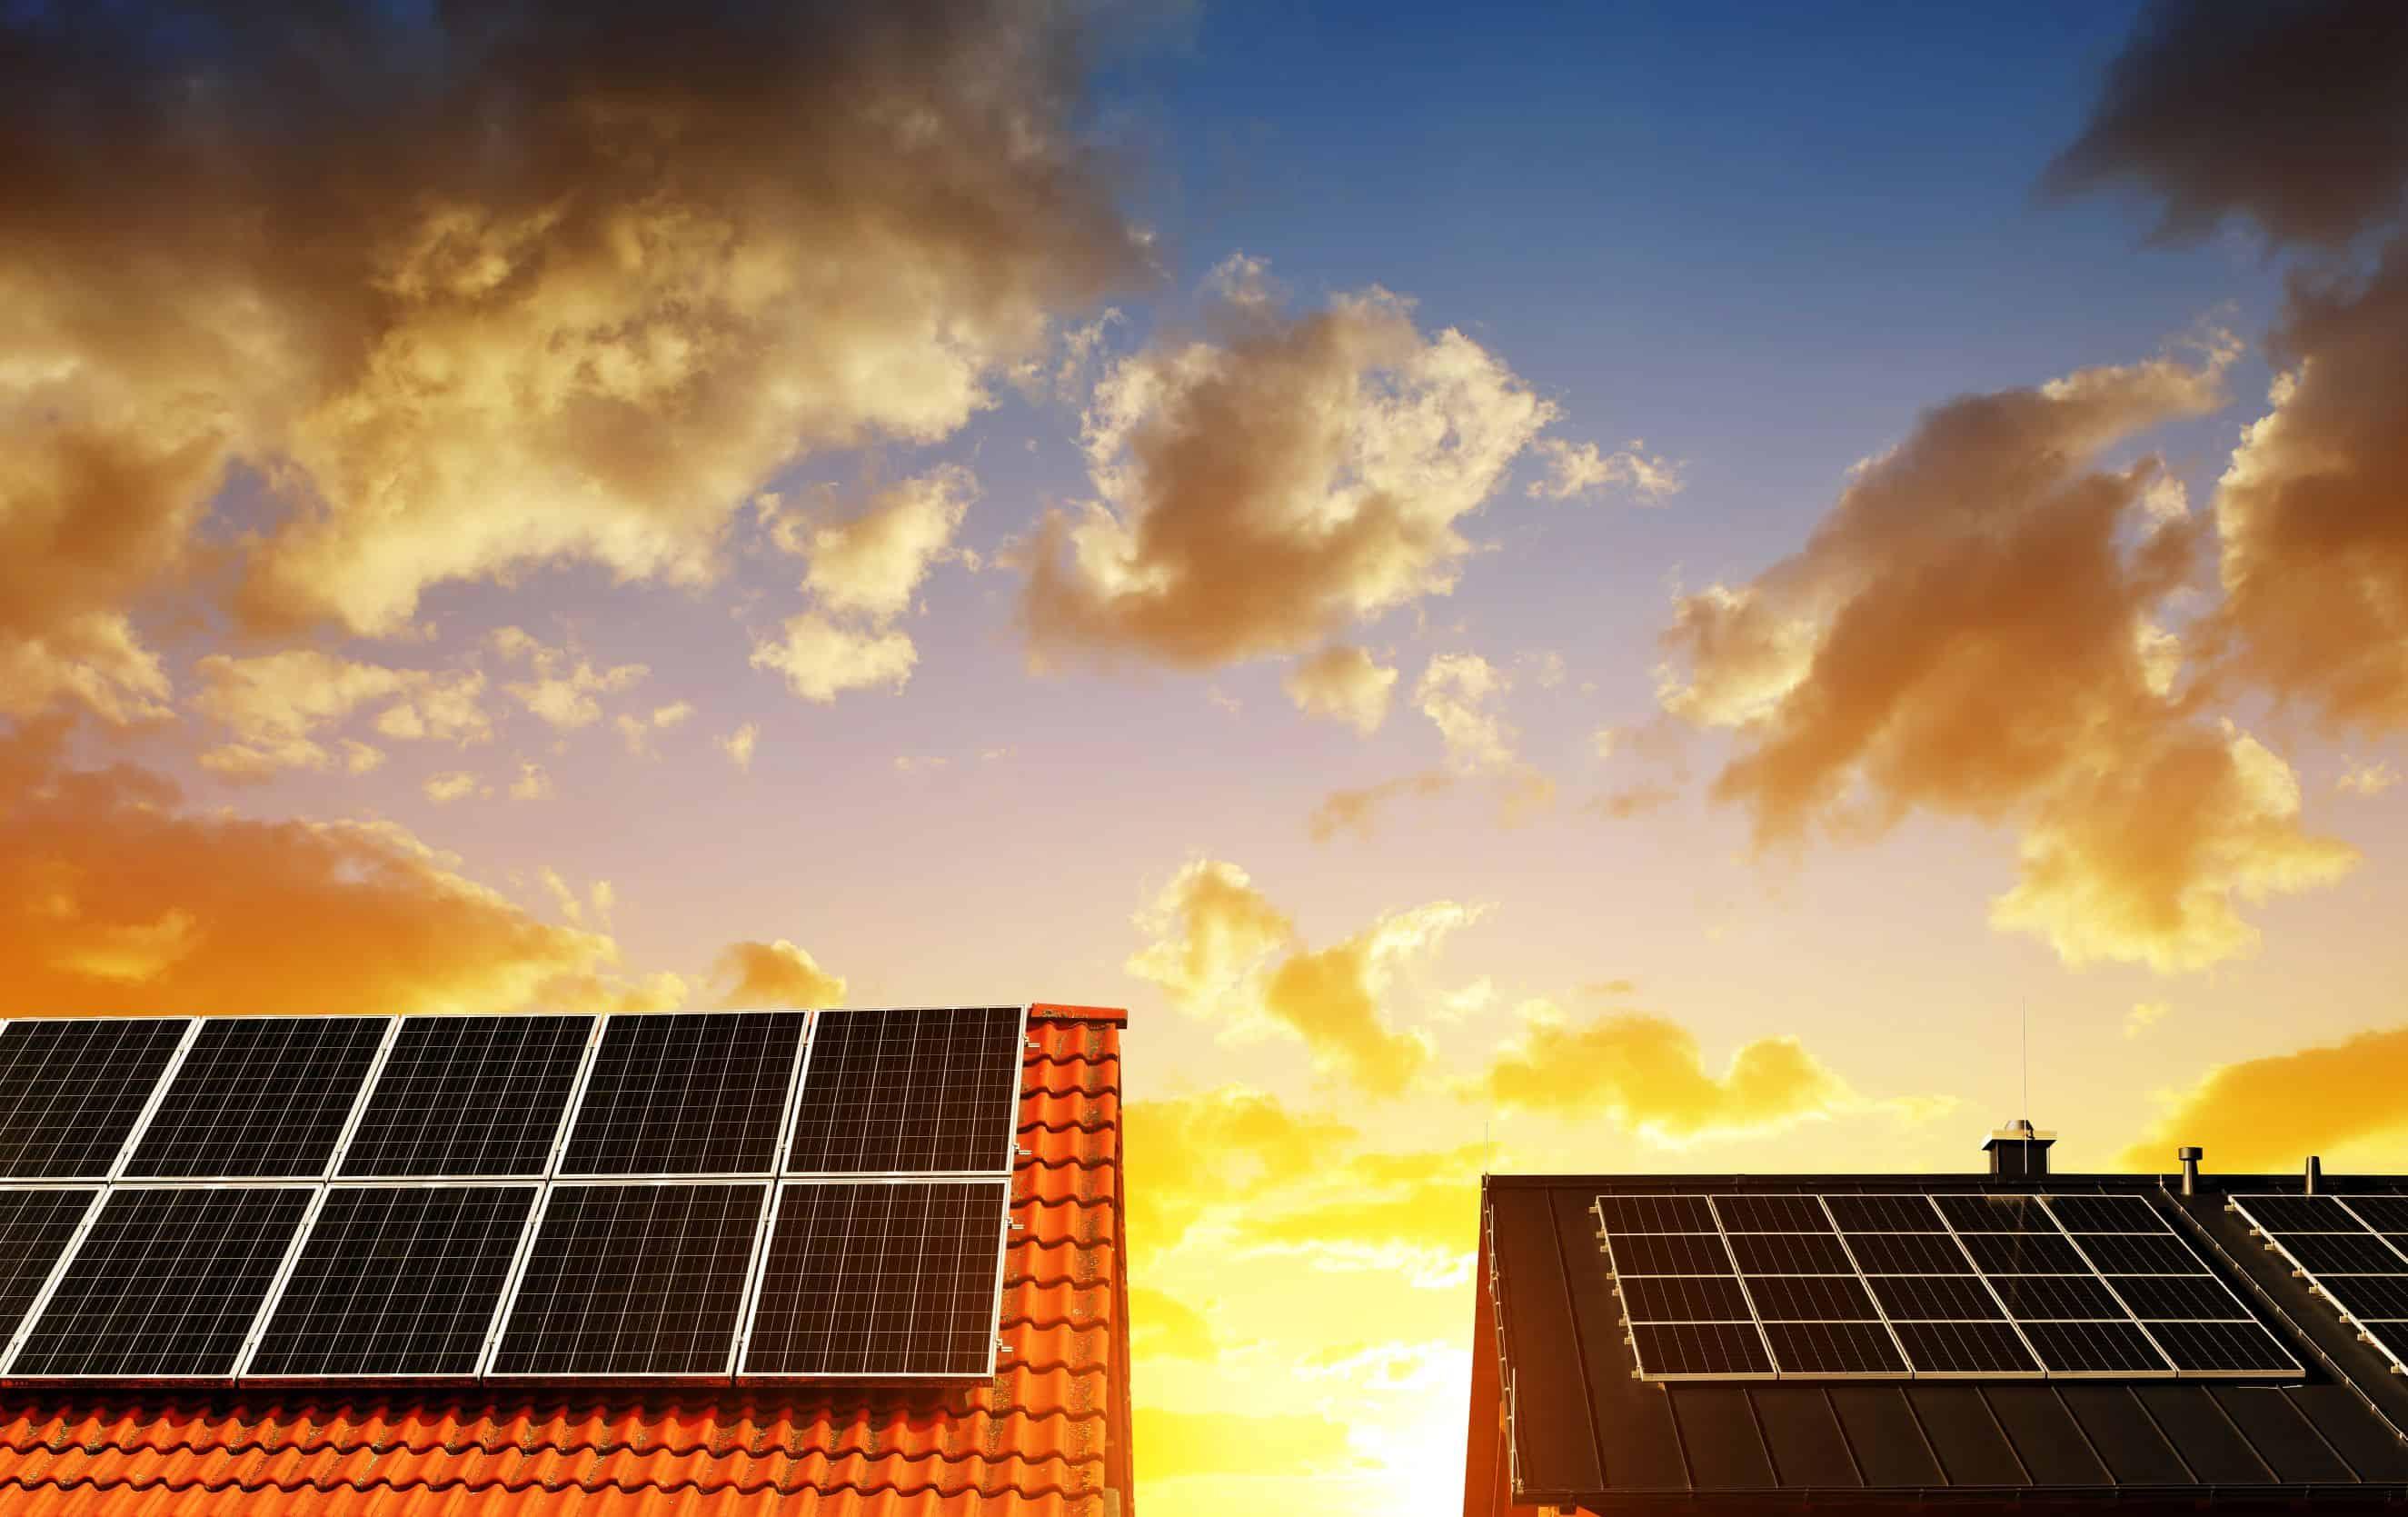 Çatınız İçin En Uygun Güneş Paneli Hangisi?